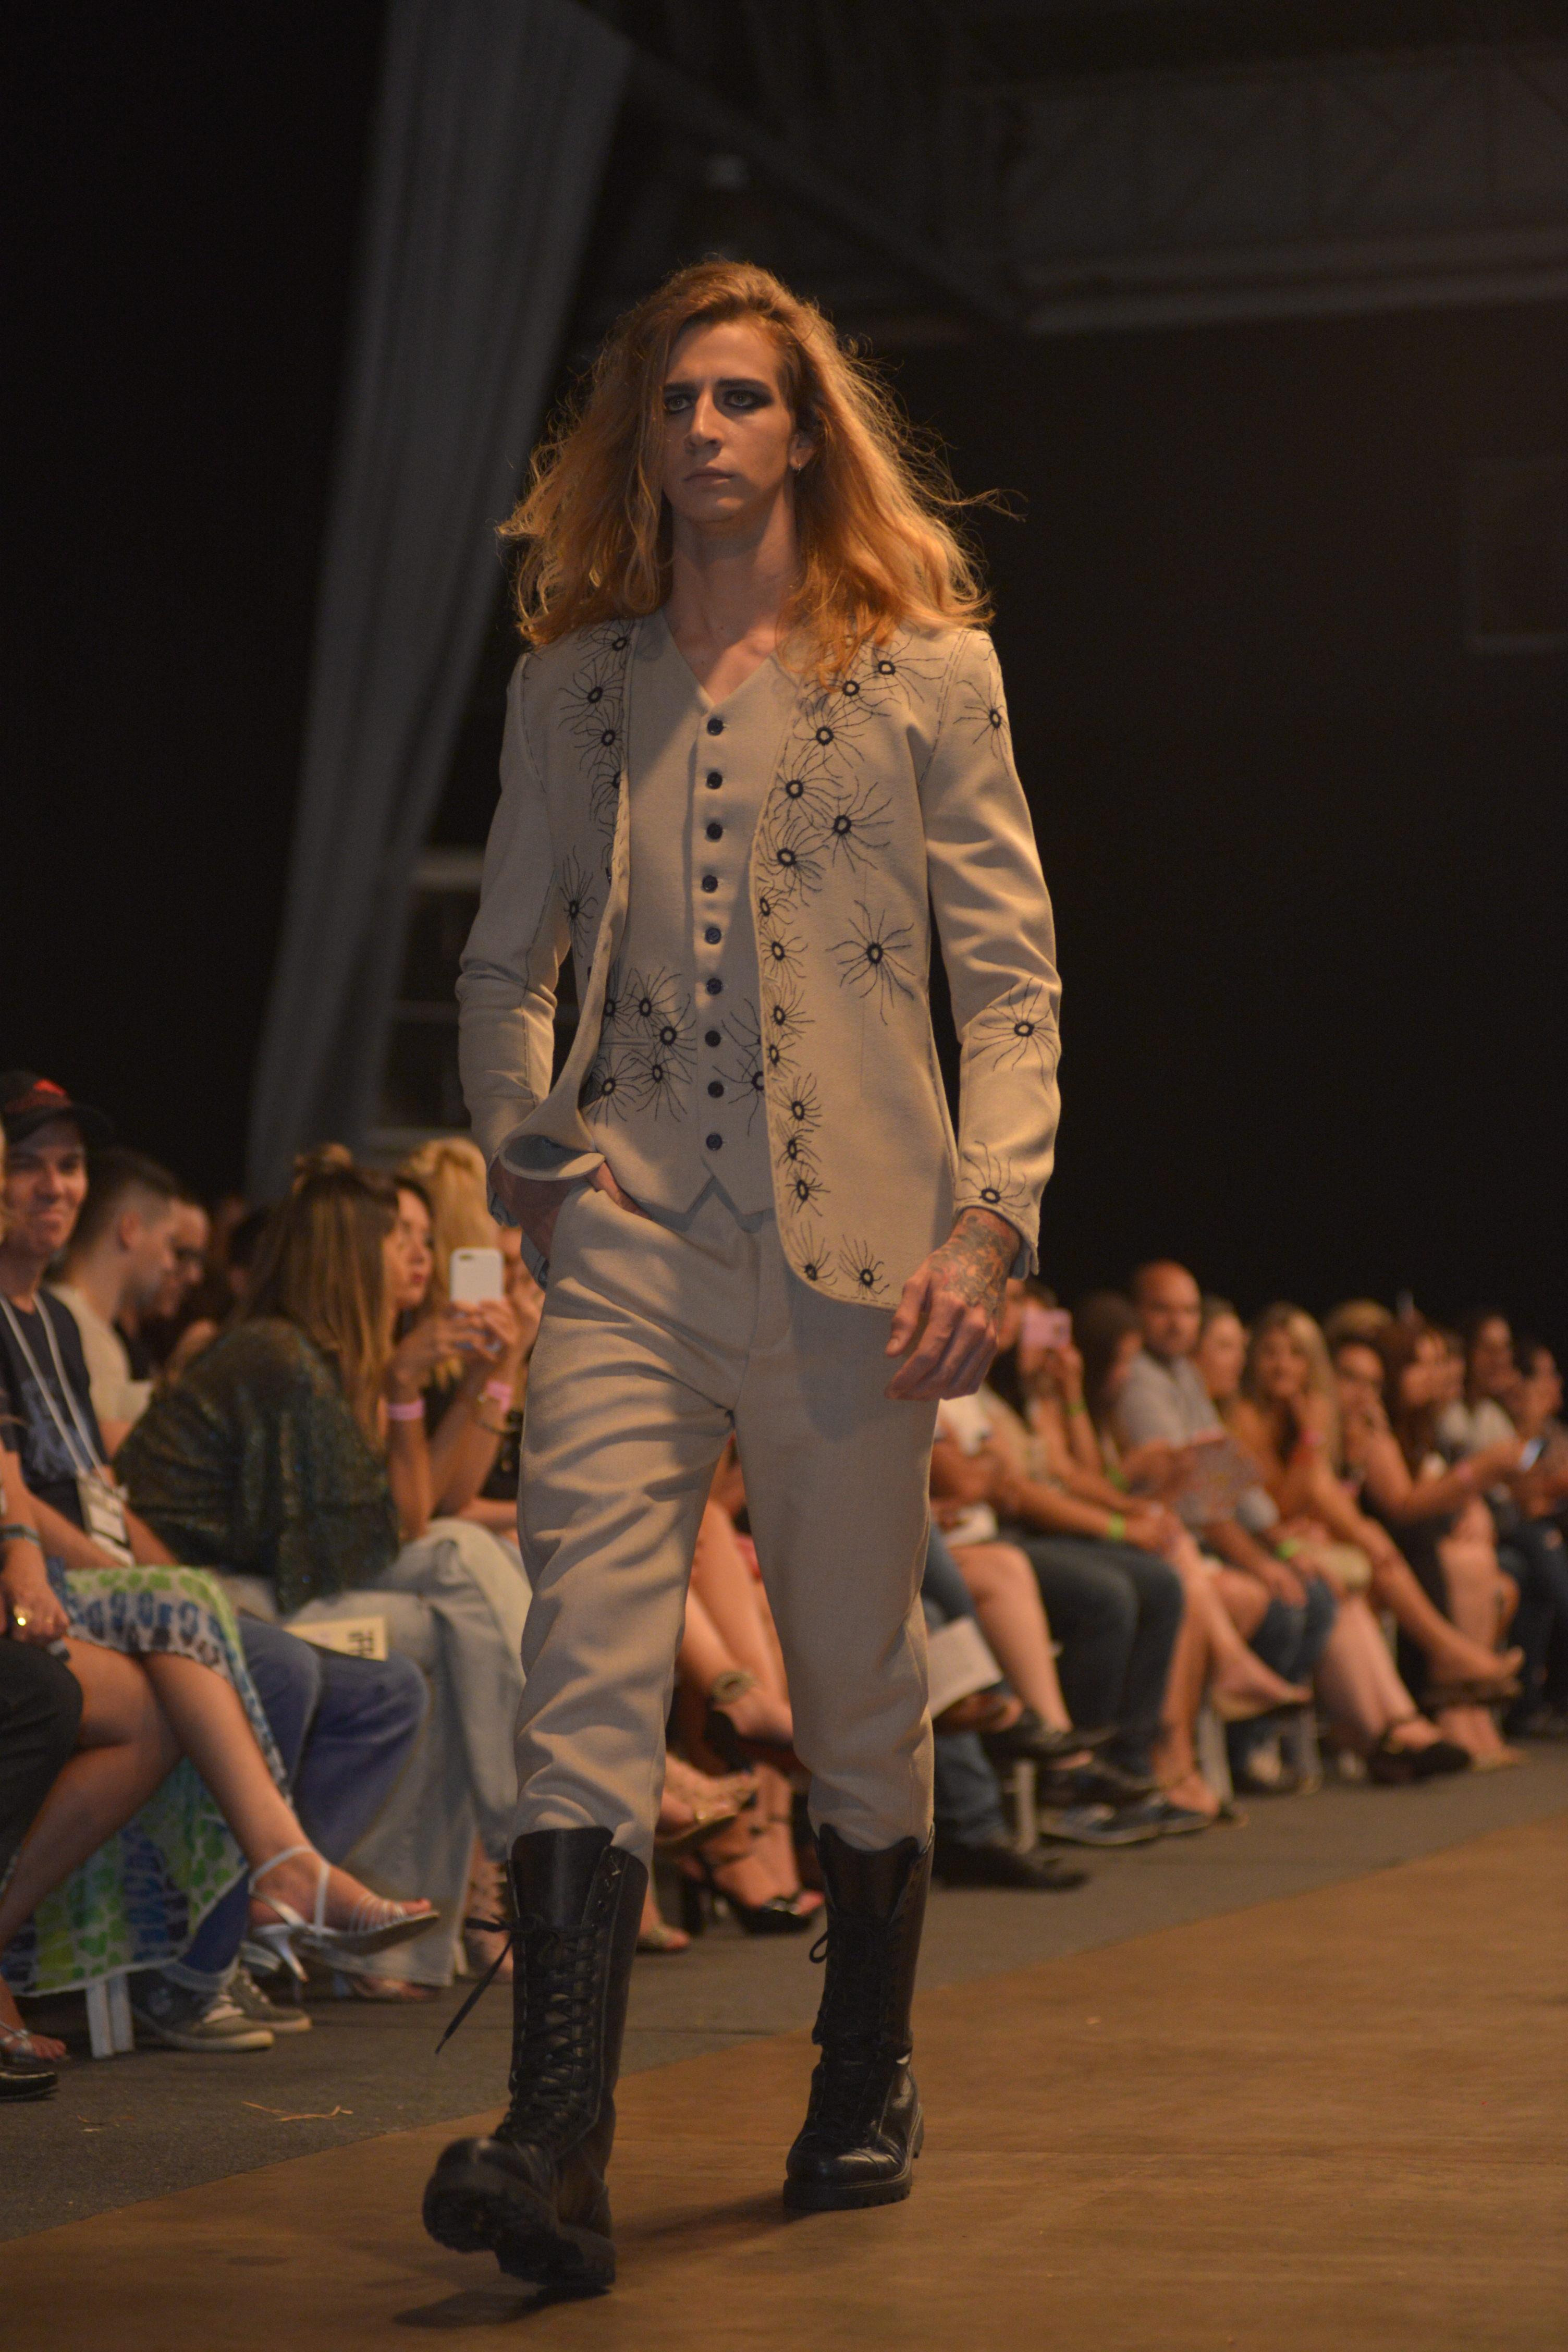 joao-pimenta-colecao-joao-pimenta-inverno-2017-moda-masculina-menswear-blog-de-moda-blogger-ifa-interior-fashion-arts-mens-16